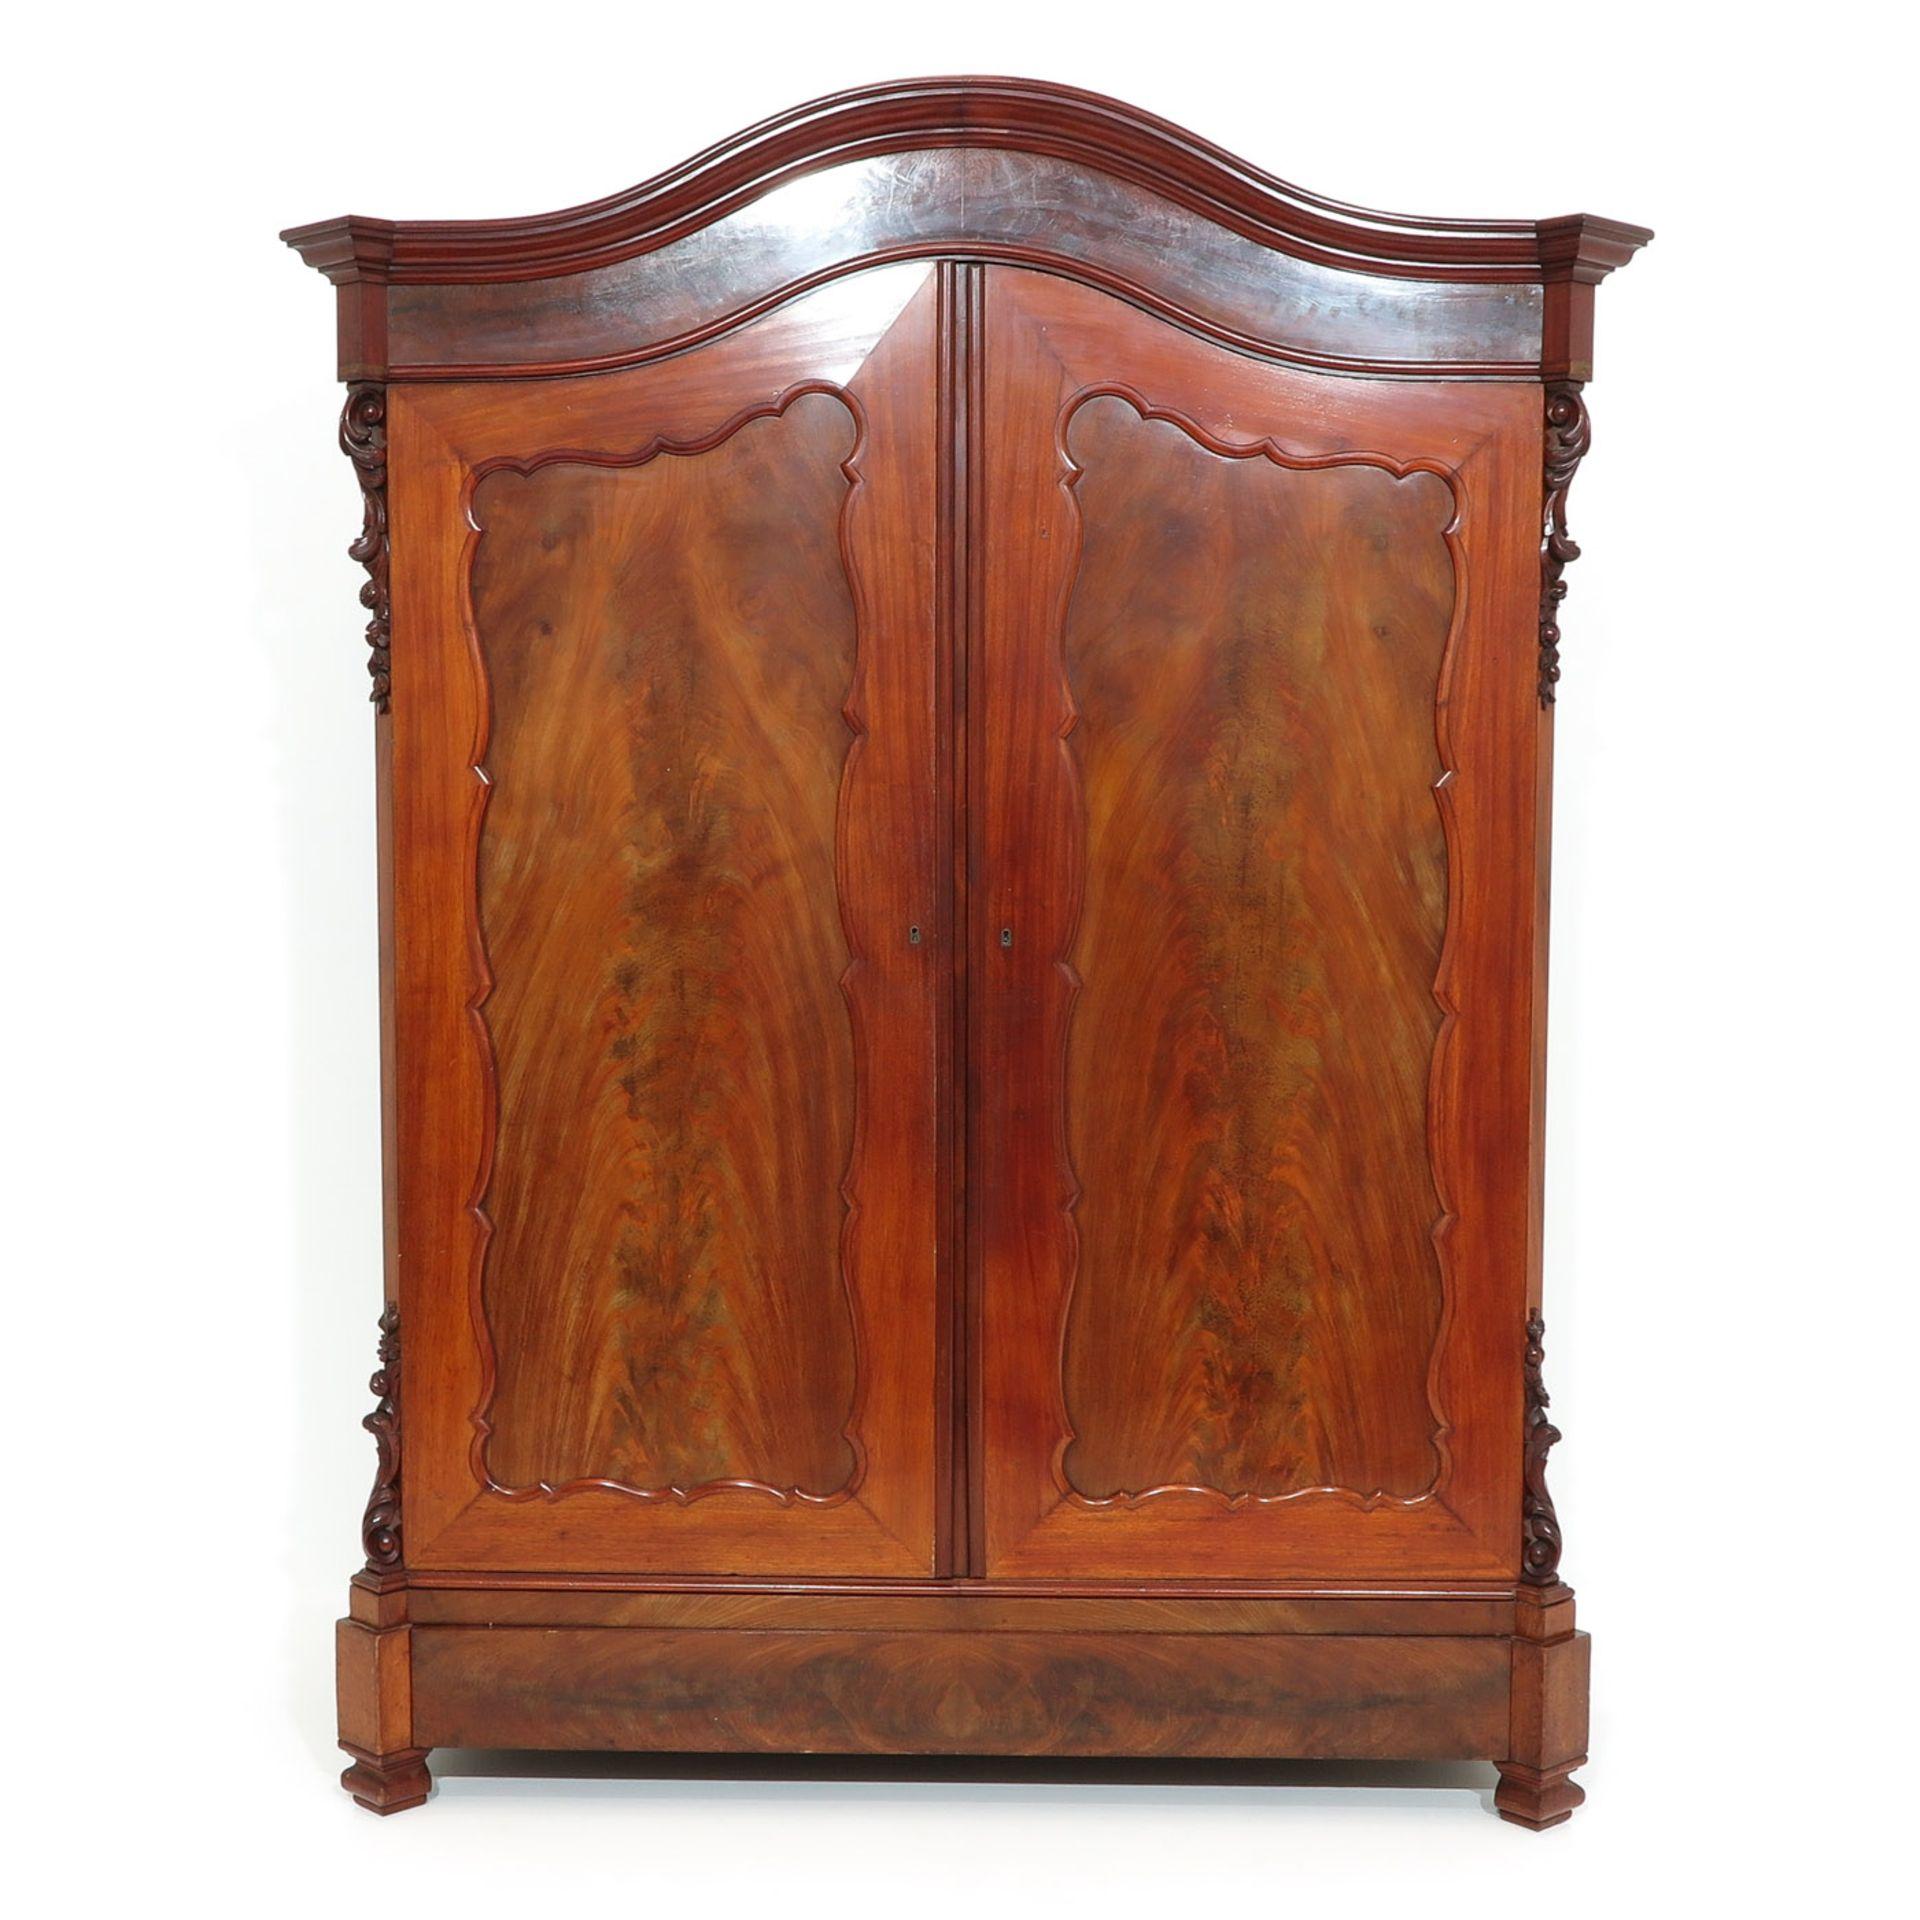 Los 1119 - An English Mahogany Table and 12 Chairs